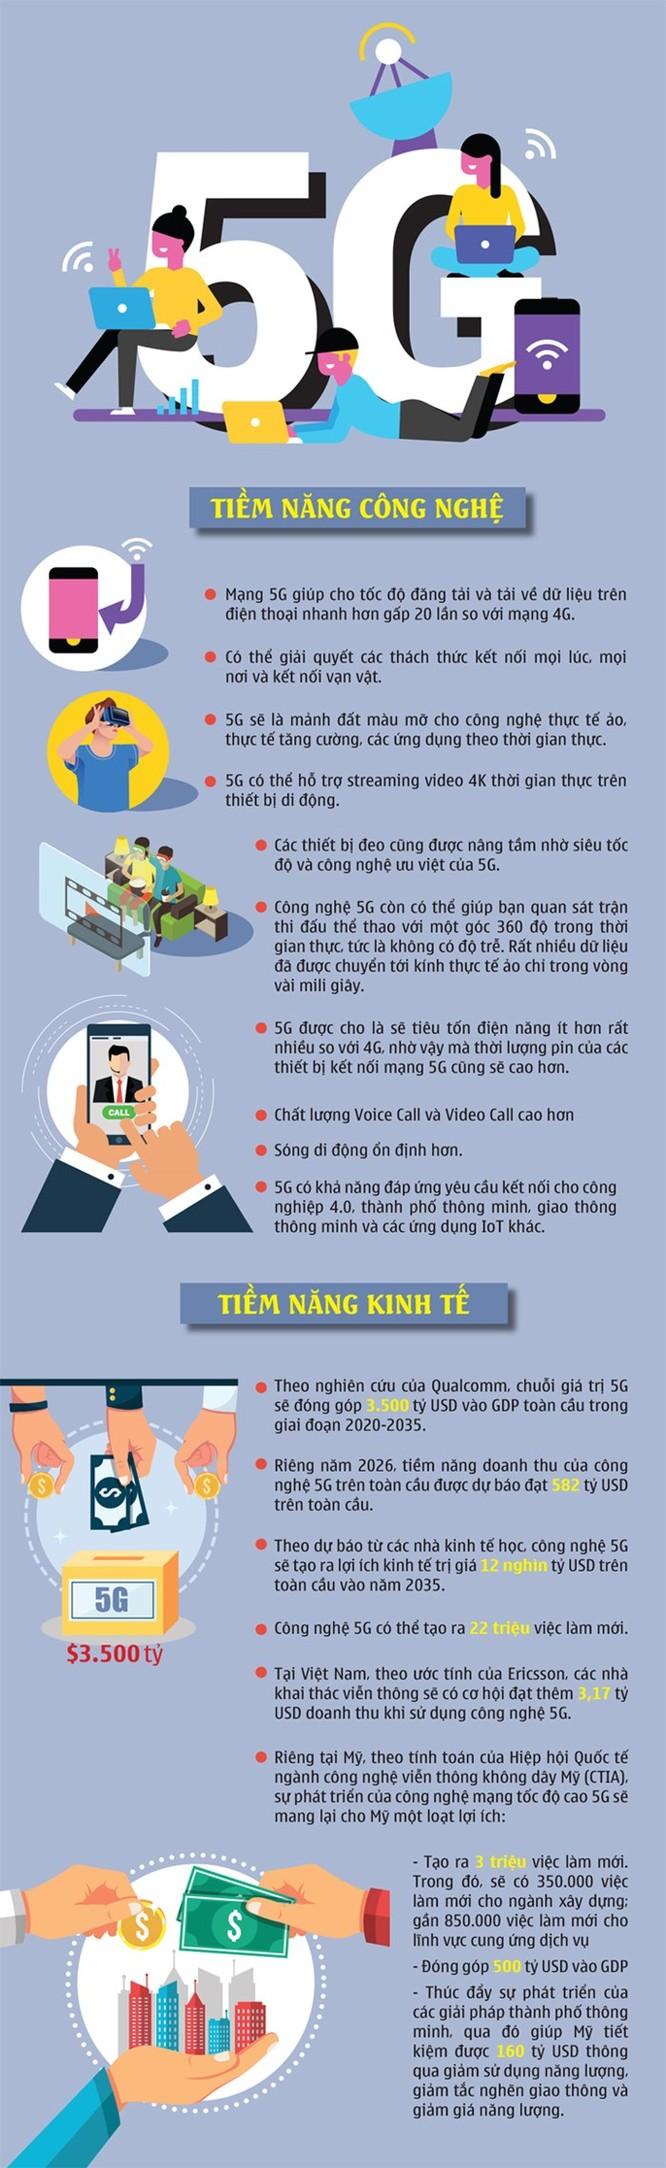 Những tiềm năng, lợi ích của công nghệ 5G ảnh 1